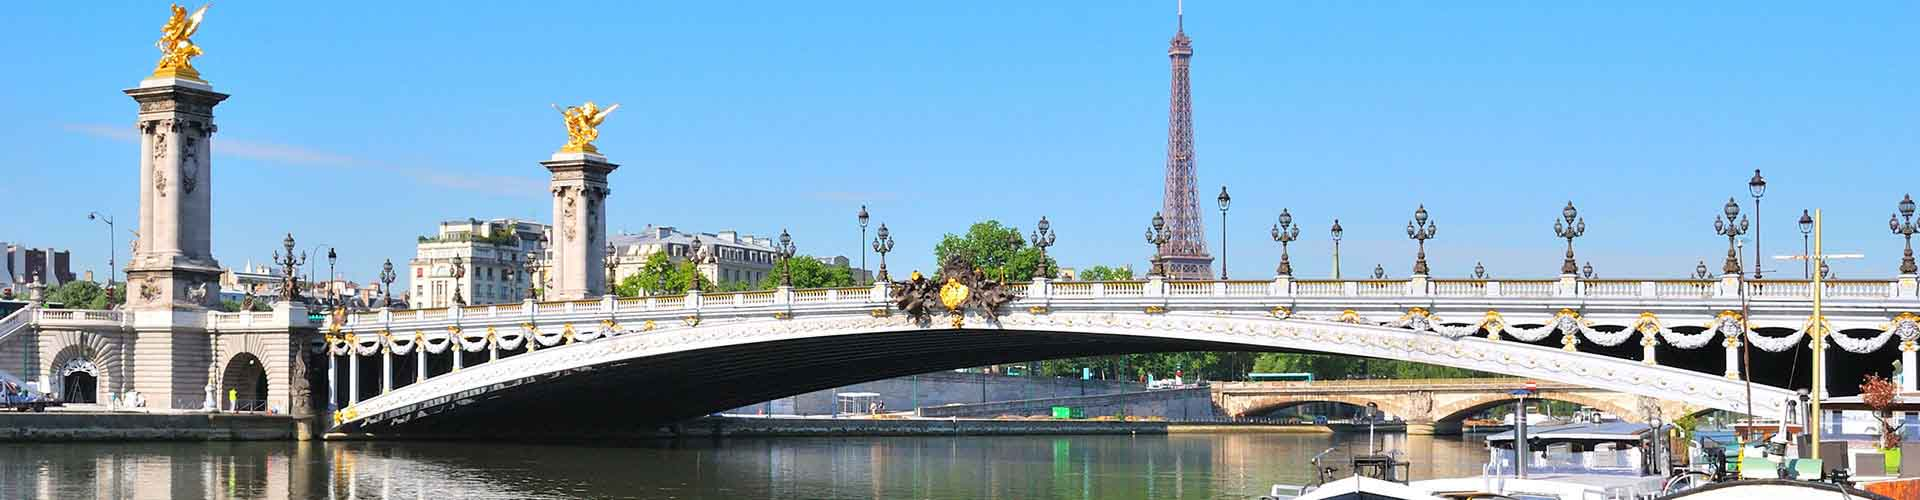 Paris - Appartements près de Pont Alexandre III. Cartes pour Paris, photos et commentaires pour chaque appartement à Paris.